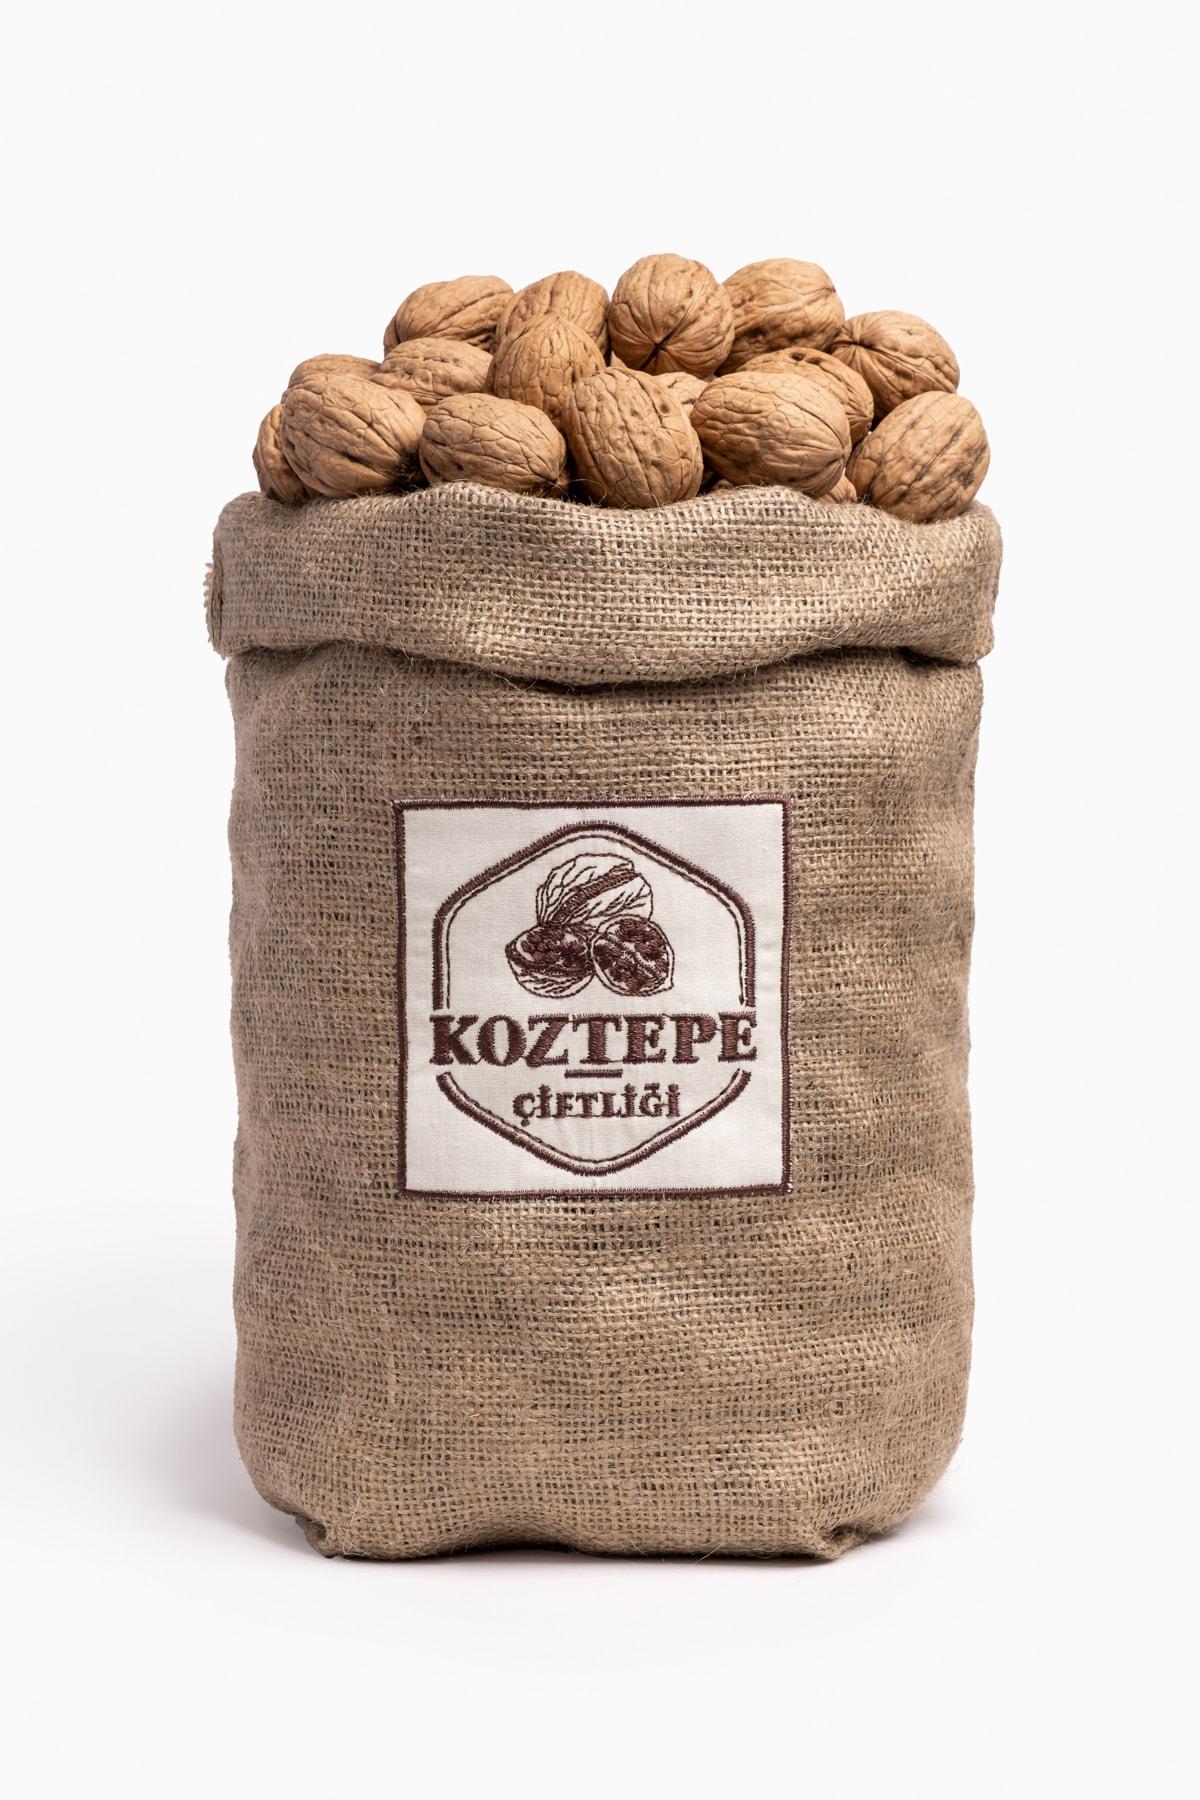 Koztepe Çiftliği Yerli Tohum Kabuklu Ceviz 2,5 Kg 1